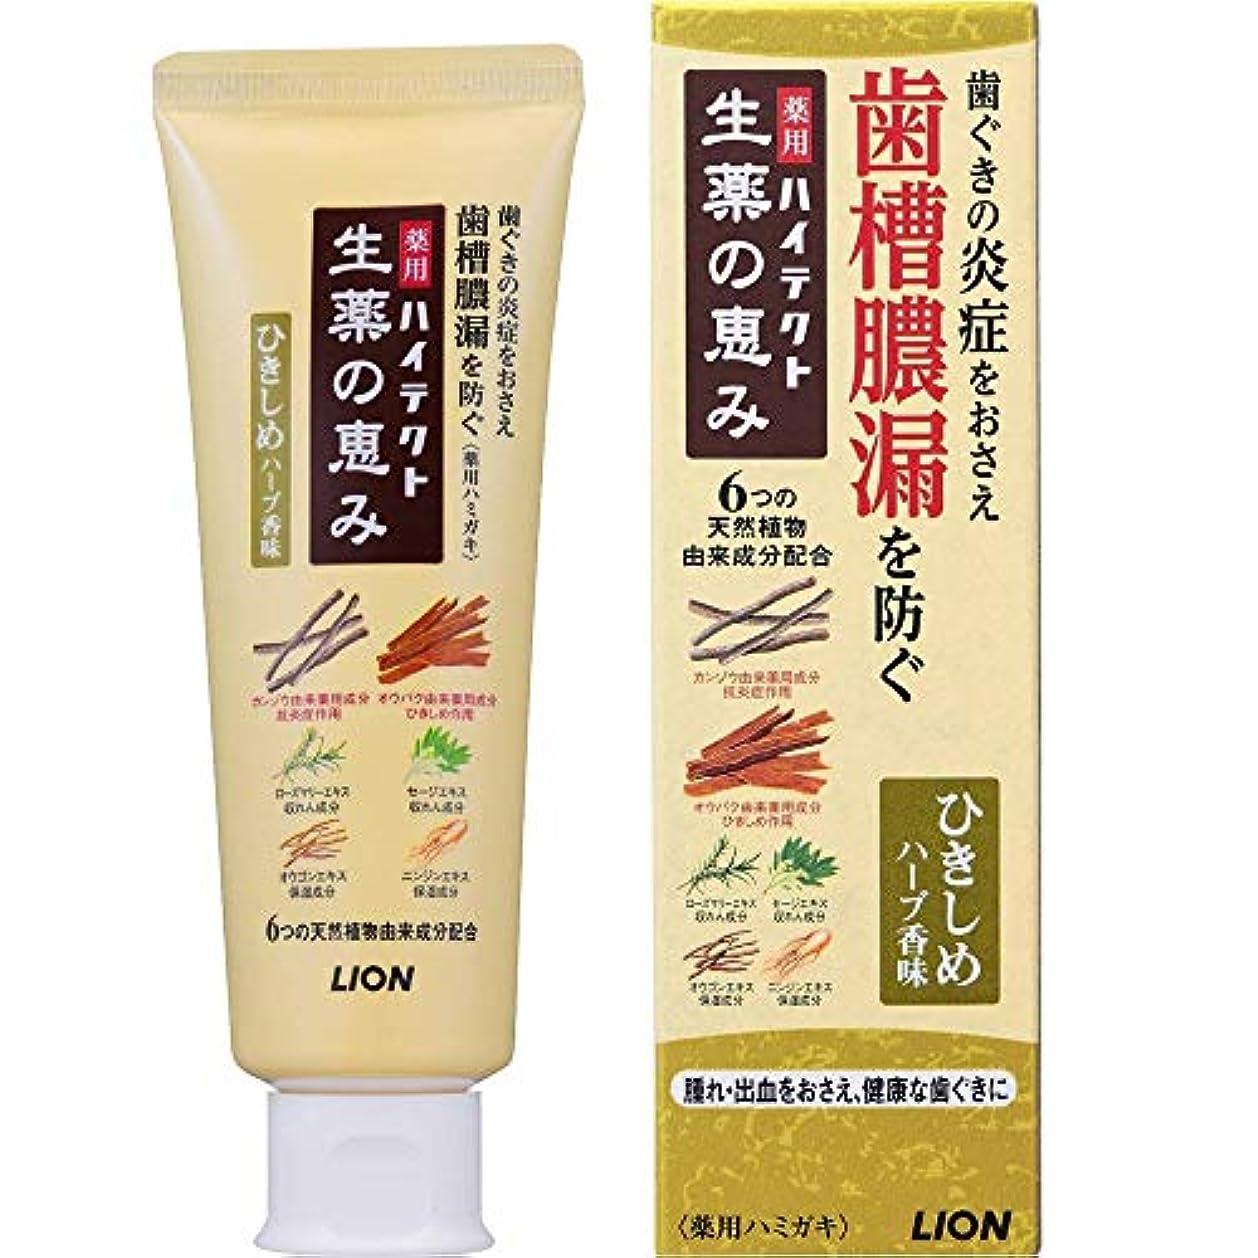 酸っぱいミネラルと遊ぶ薬用ハイテクト生薬の恵み ひきしめハーブ香味 90g